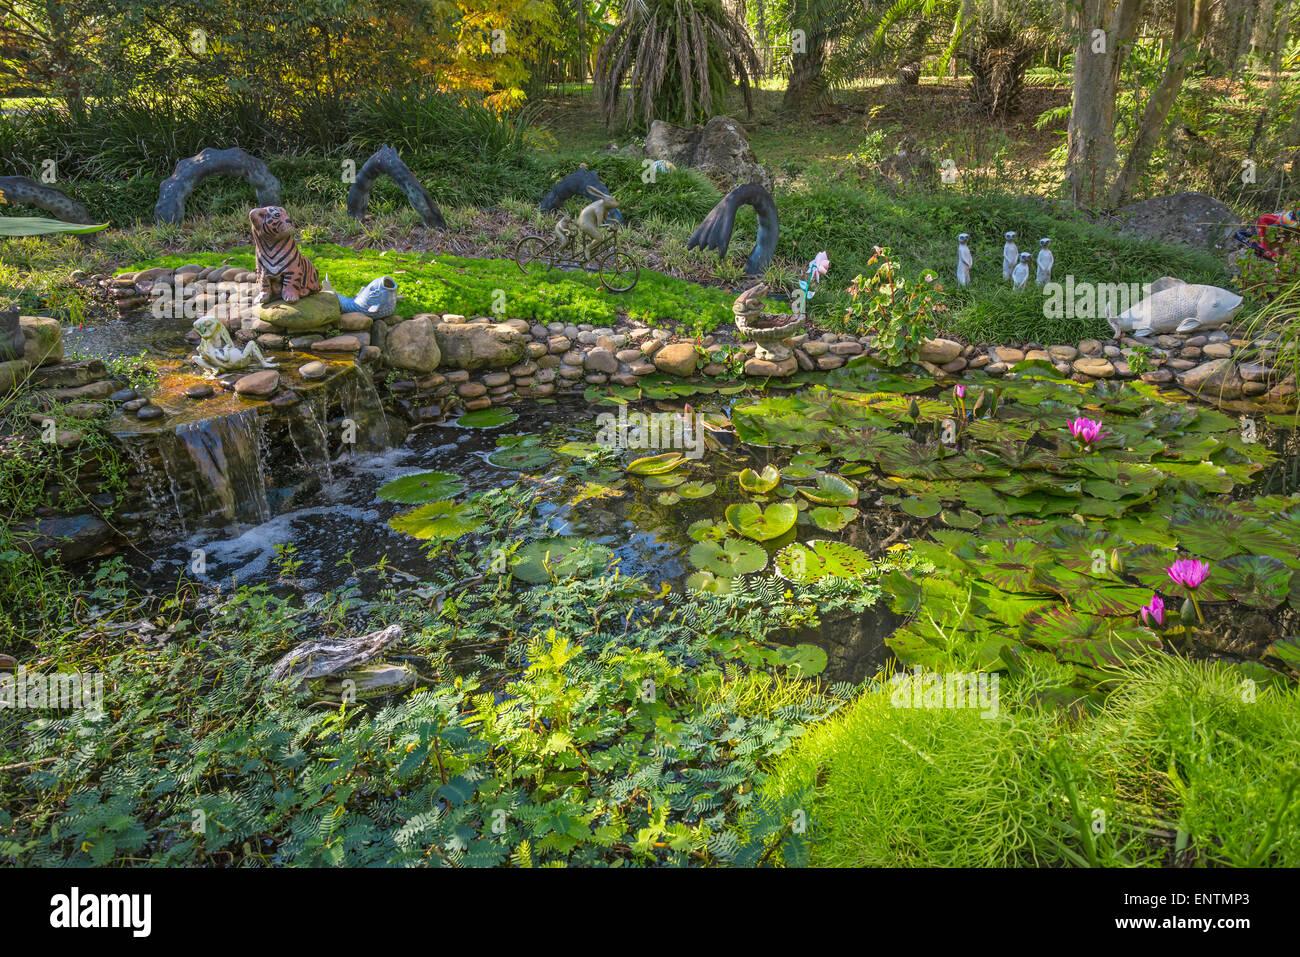 Childrenu0027s Garden At Kanapaha Botanical Gardens In Gainesville Florida